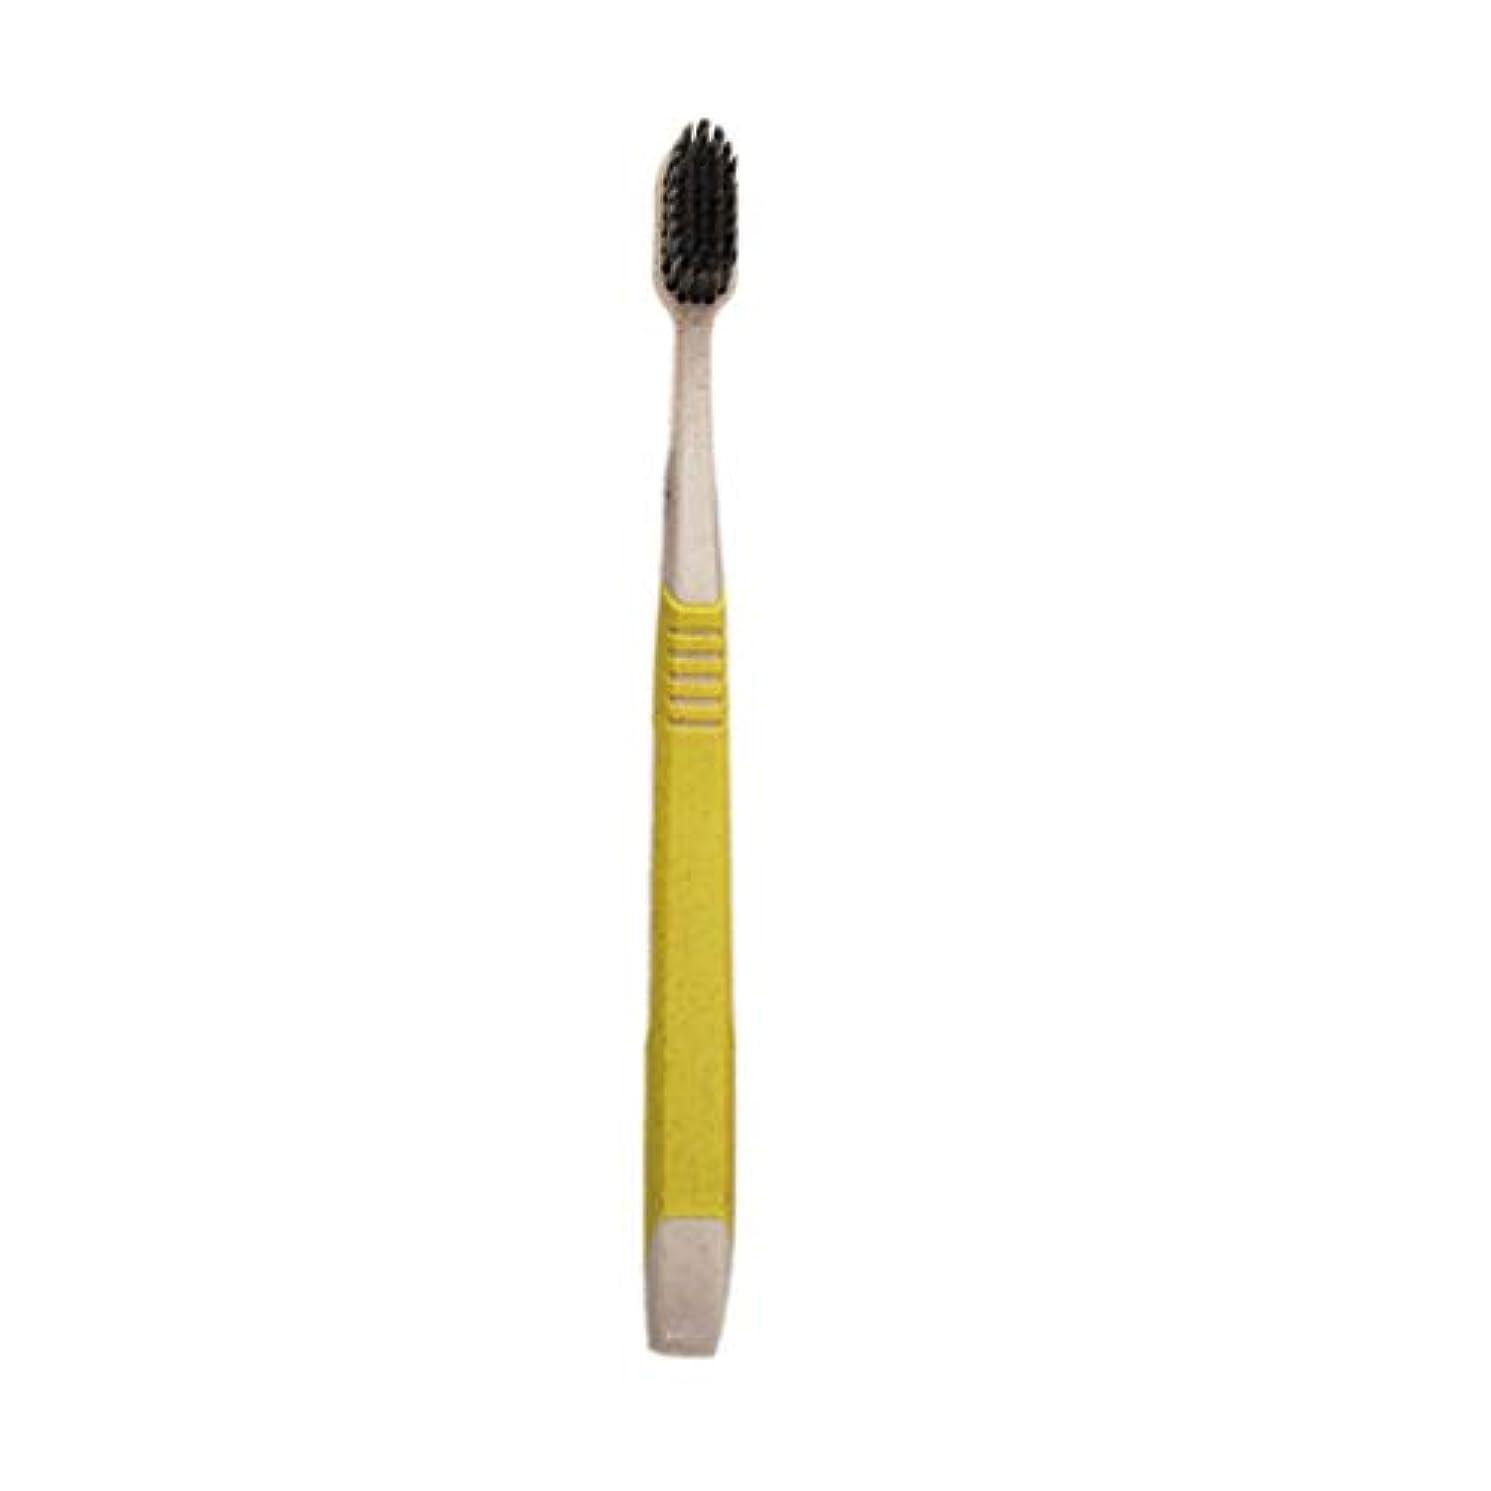 不注意活性化溶融K-666小麦わらの歯ブラシ歯のクリーニングブラシ竹炭毛ブラシ環境にやさしいブラシ歯のケア - 黄色